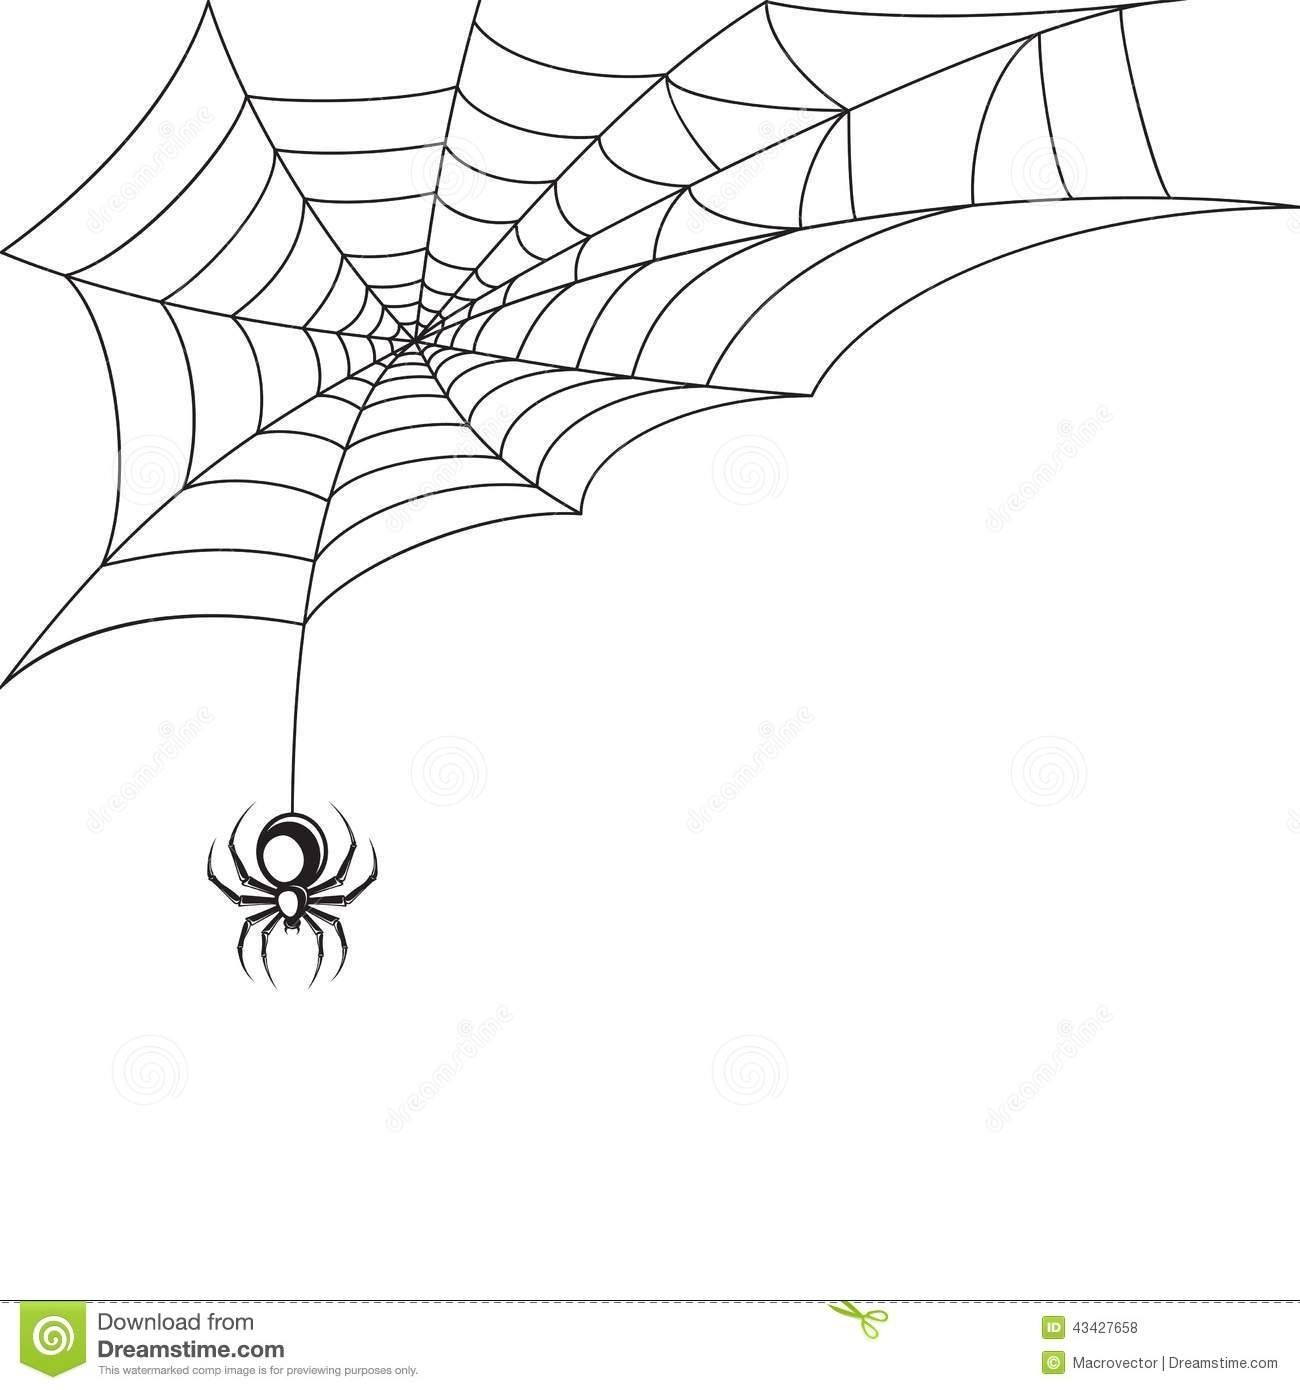 Papier Peint De Toile D'araignée Illustration De Vecteur encequiconcerne Dessin Toile Araignée